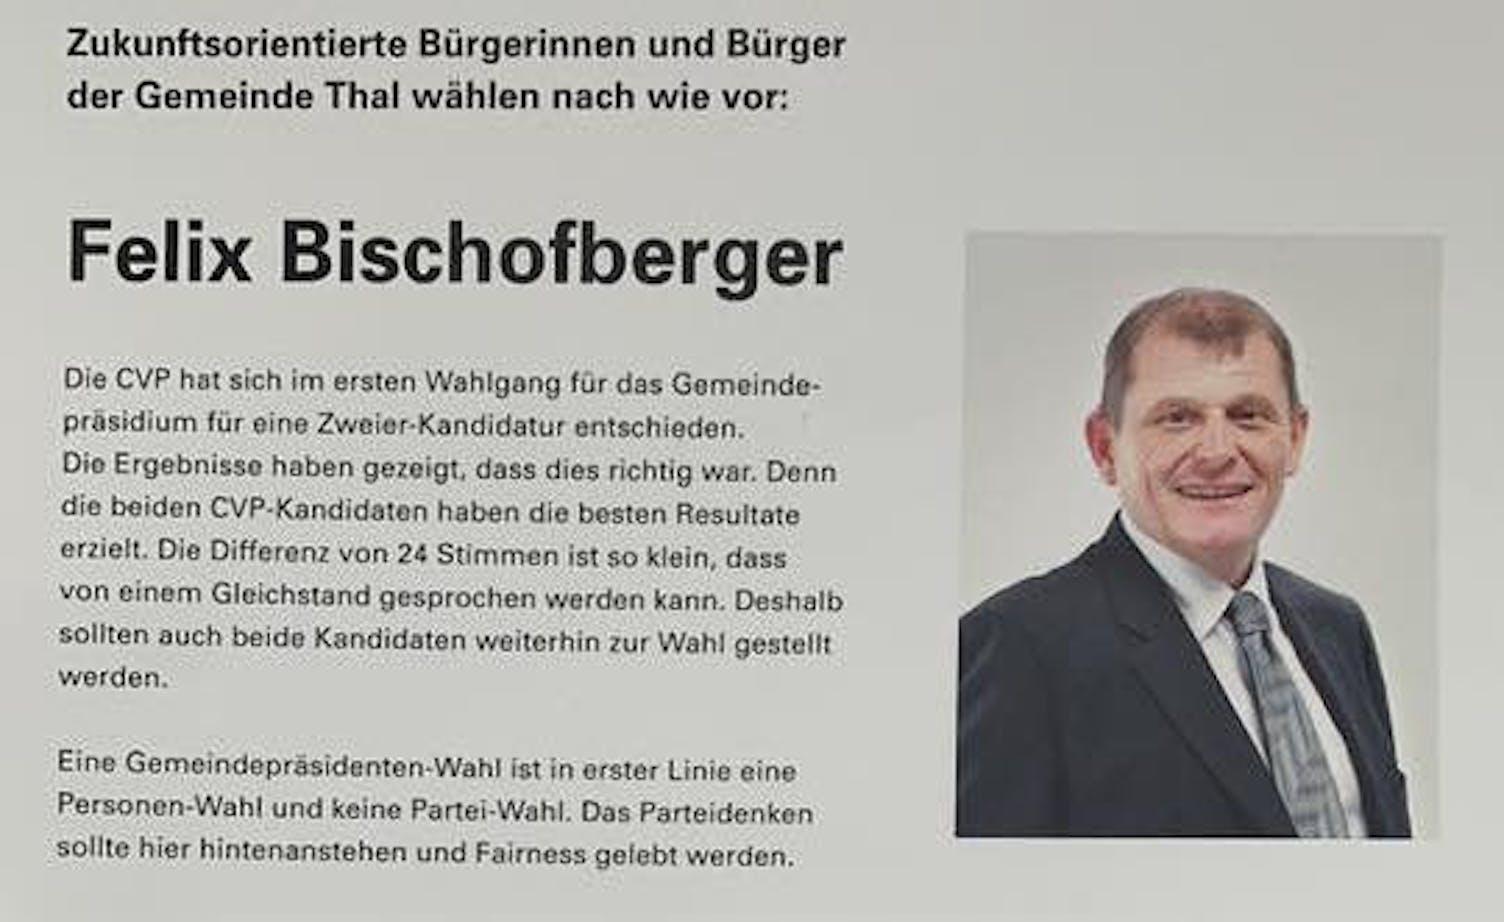 Felix Bischofberger